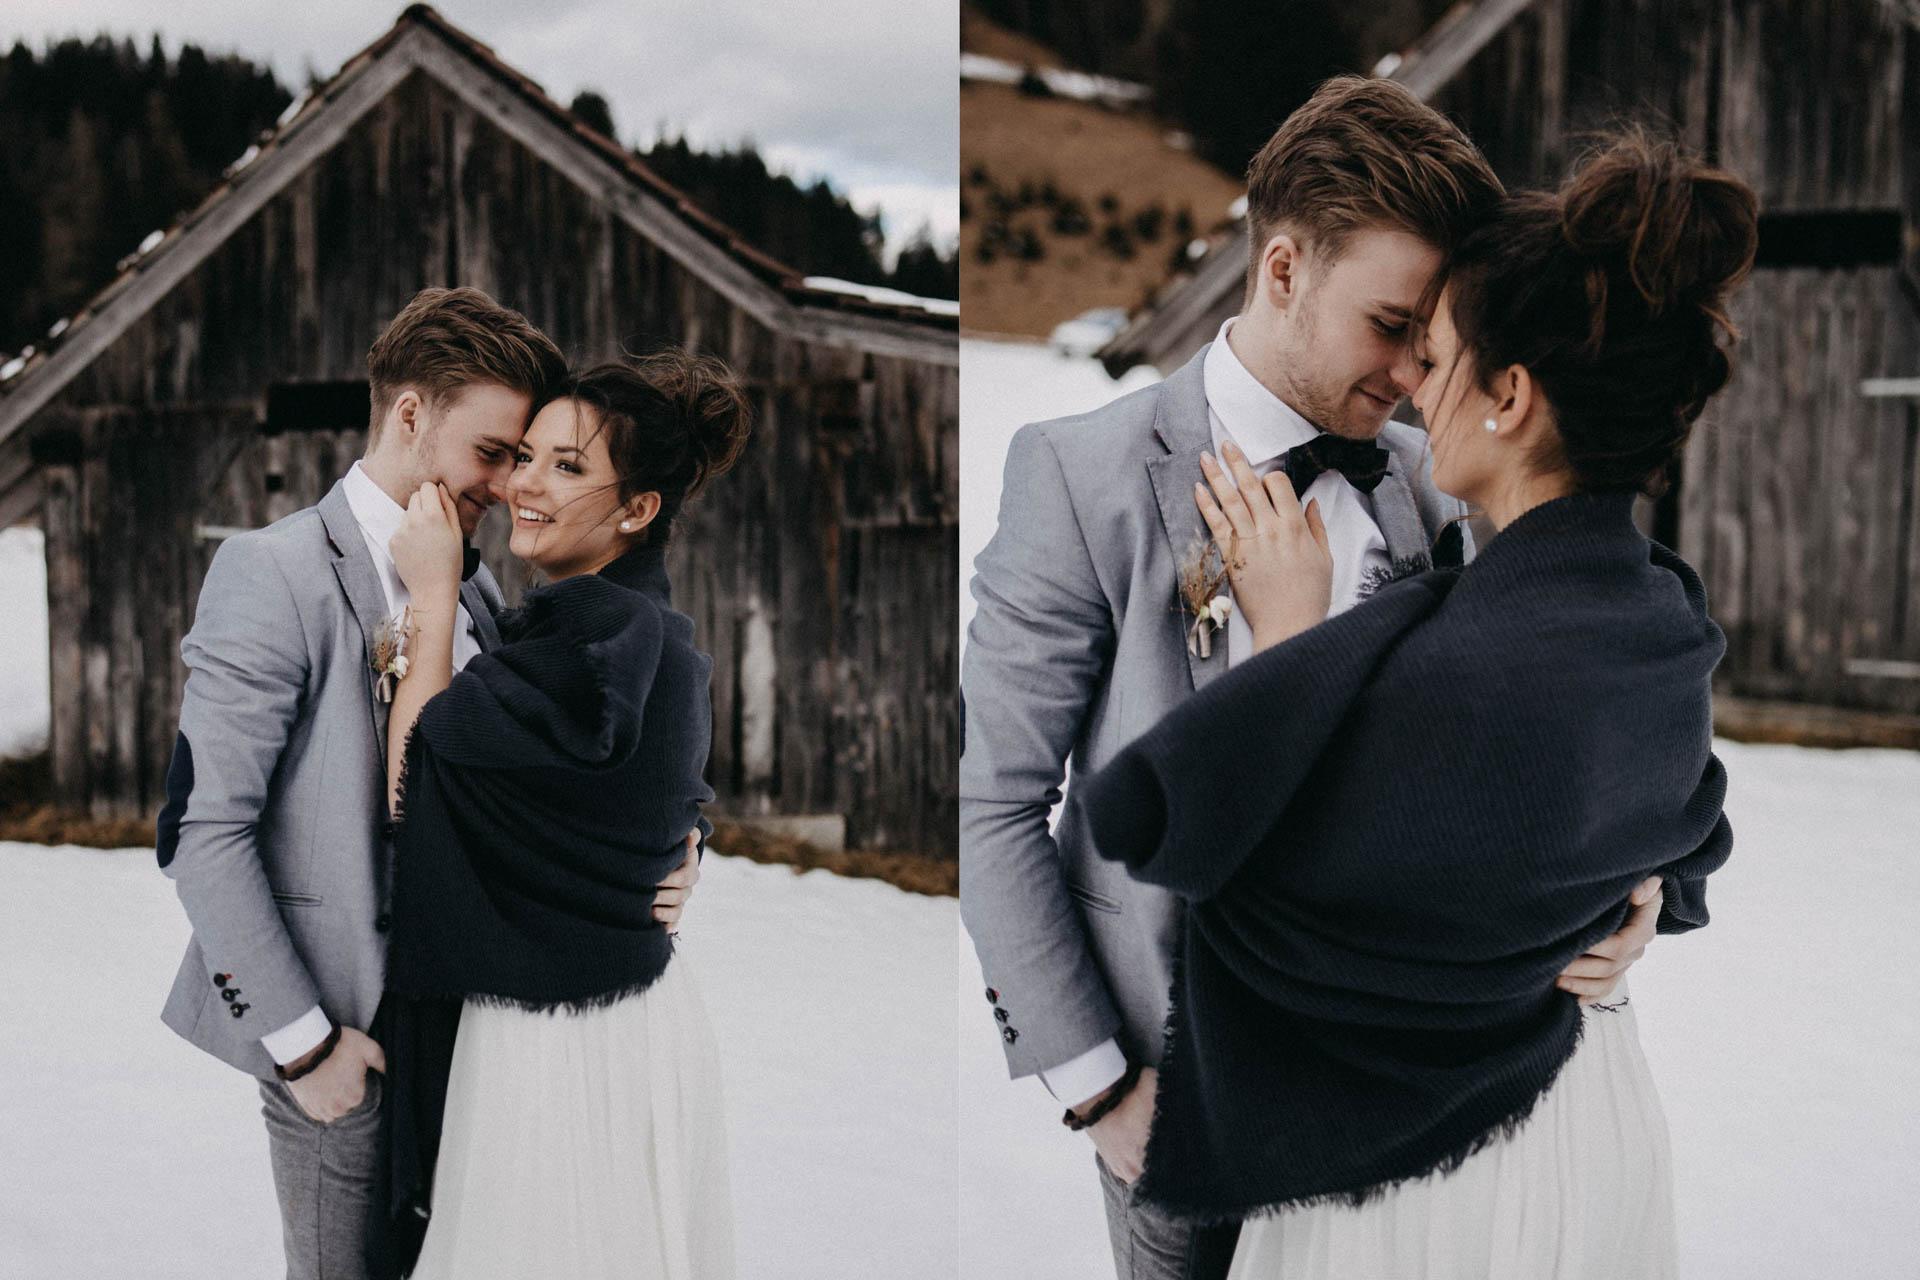 Brautkleid im Winter mit Schal